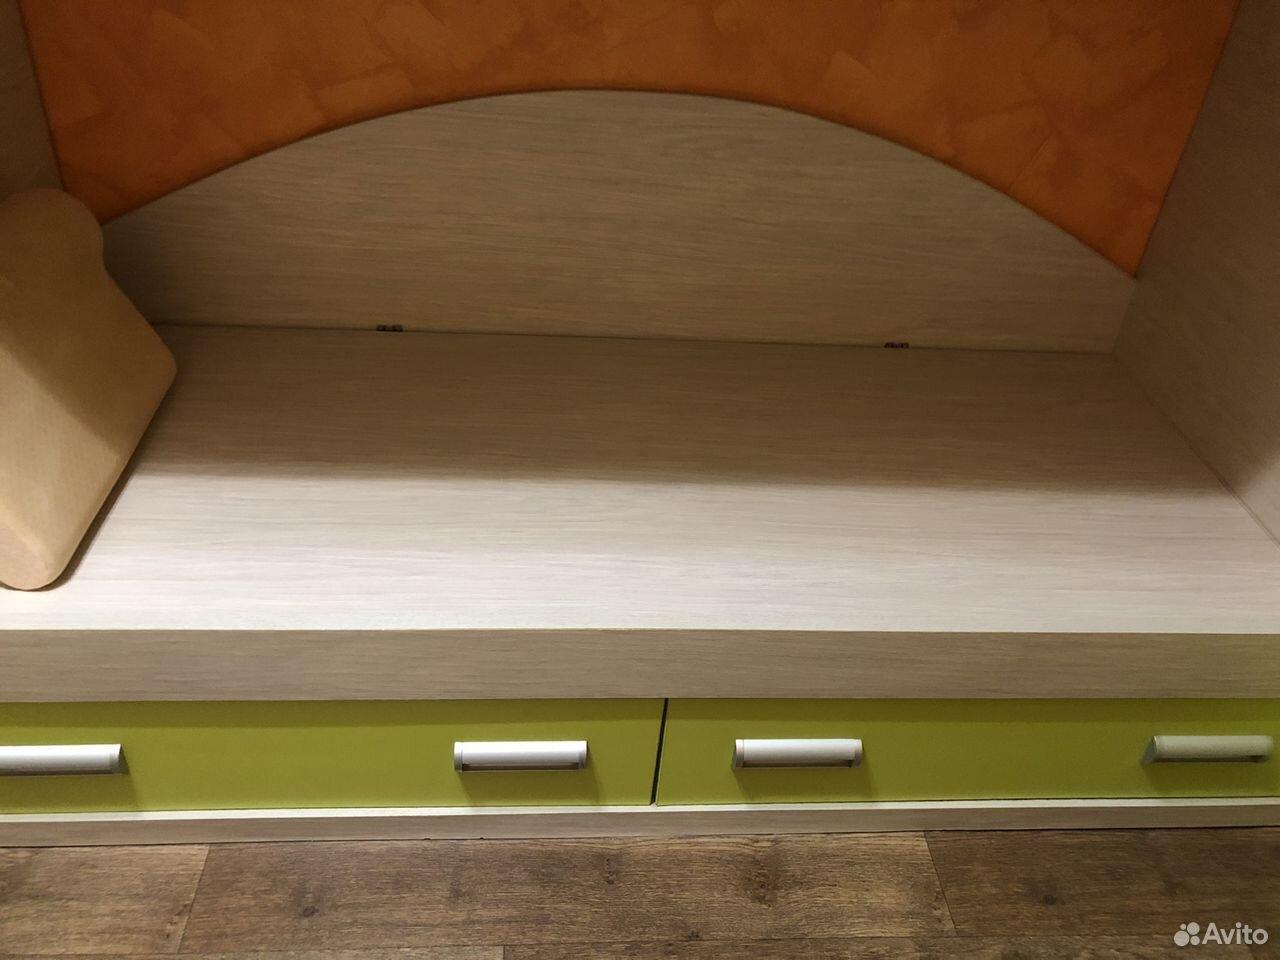 Продаю двухъярусную кровать и шифоньер 89272972965 купить 3